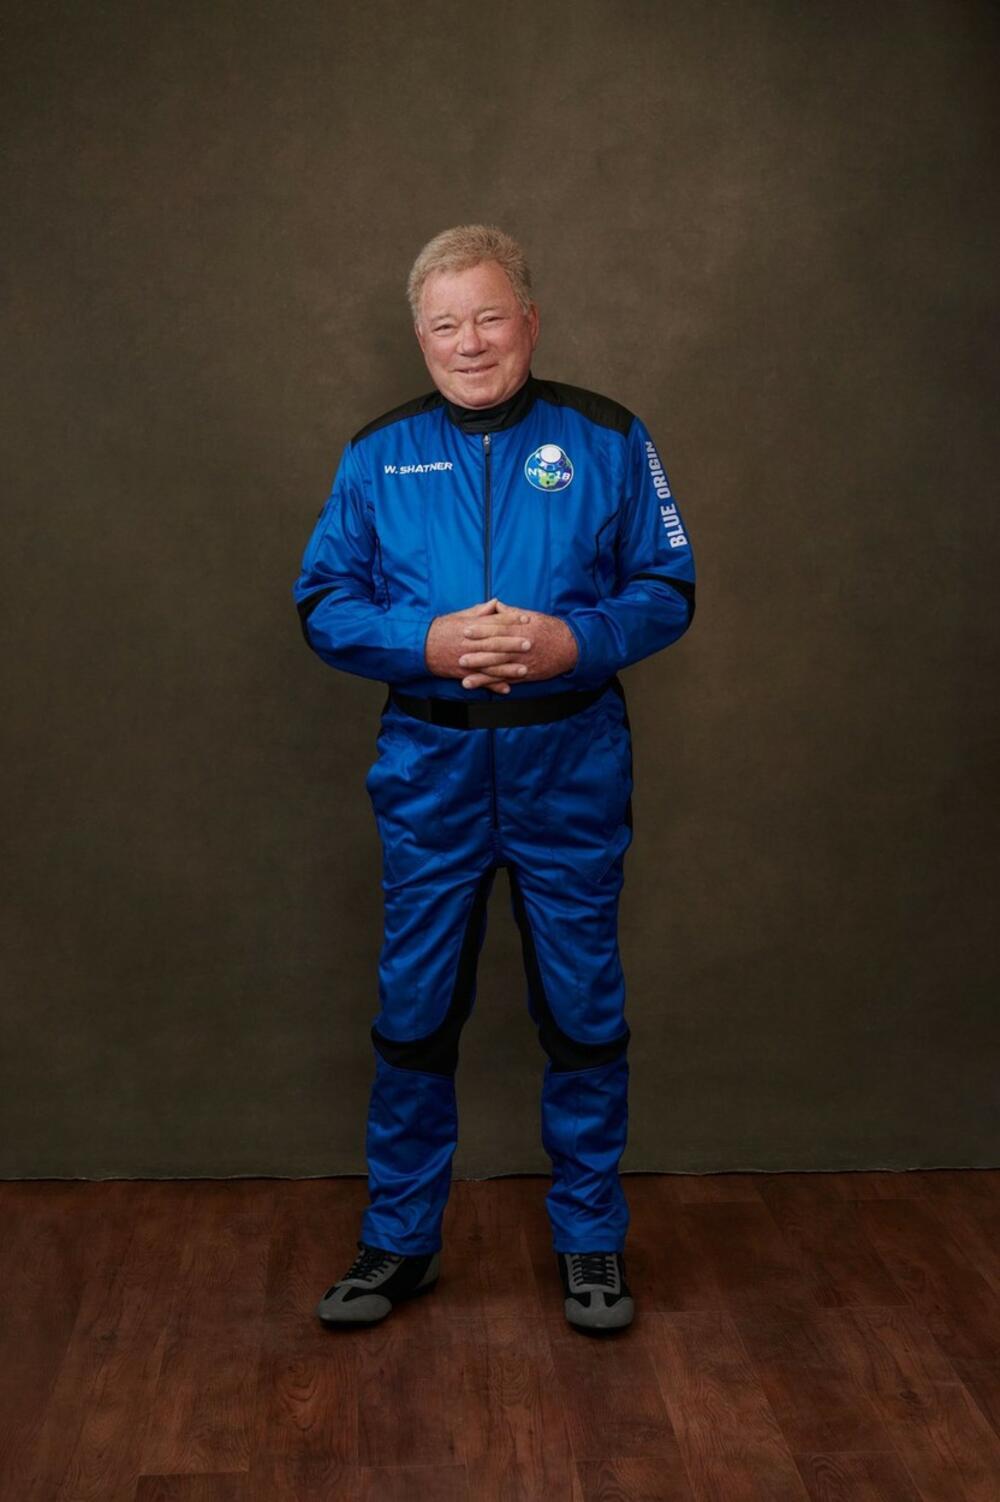 Vilijam Šatner leti u svemir